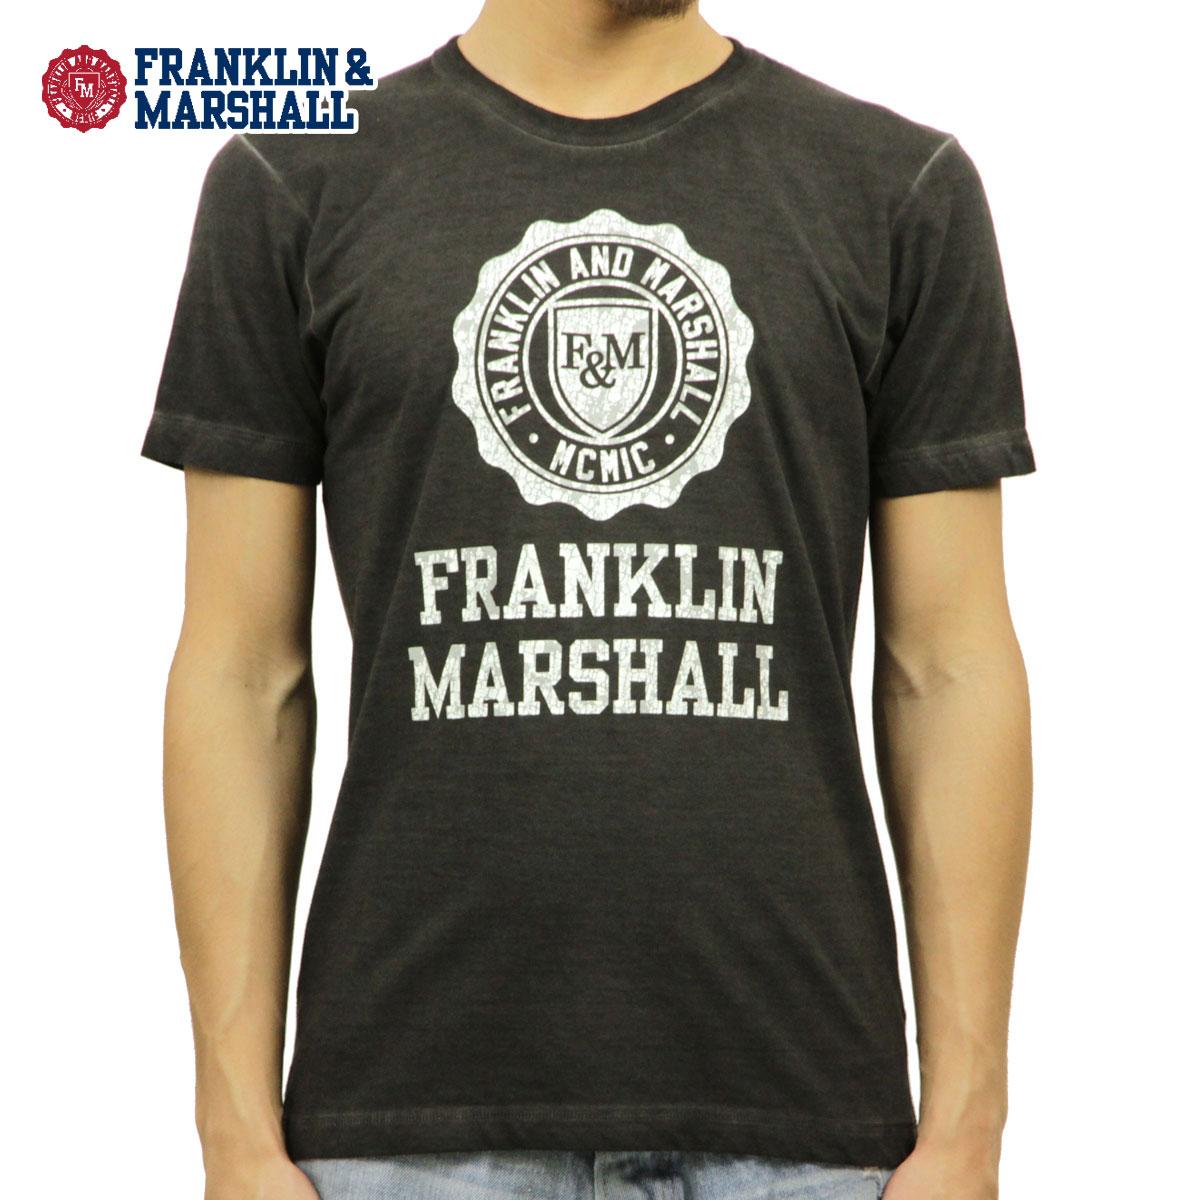 フランクリン マーシャル Tシャツ 正規販売店 FRANKLIN&MARSHALL 半袖Tシャツ クルーネック LOGO TEE BLACK TSMF188AN 45181 4013